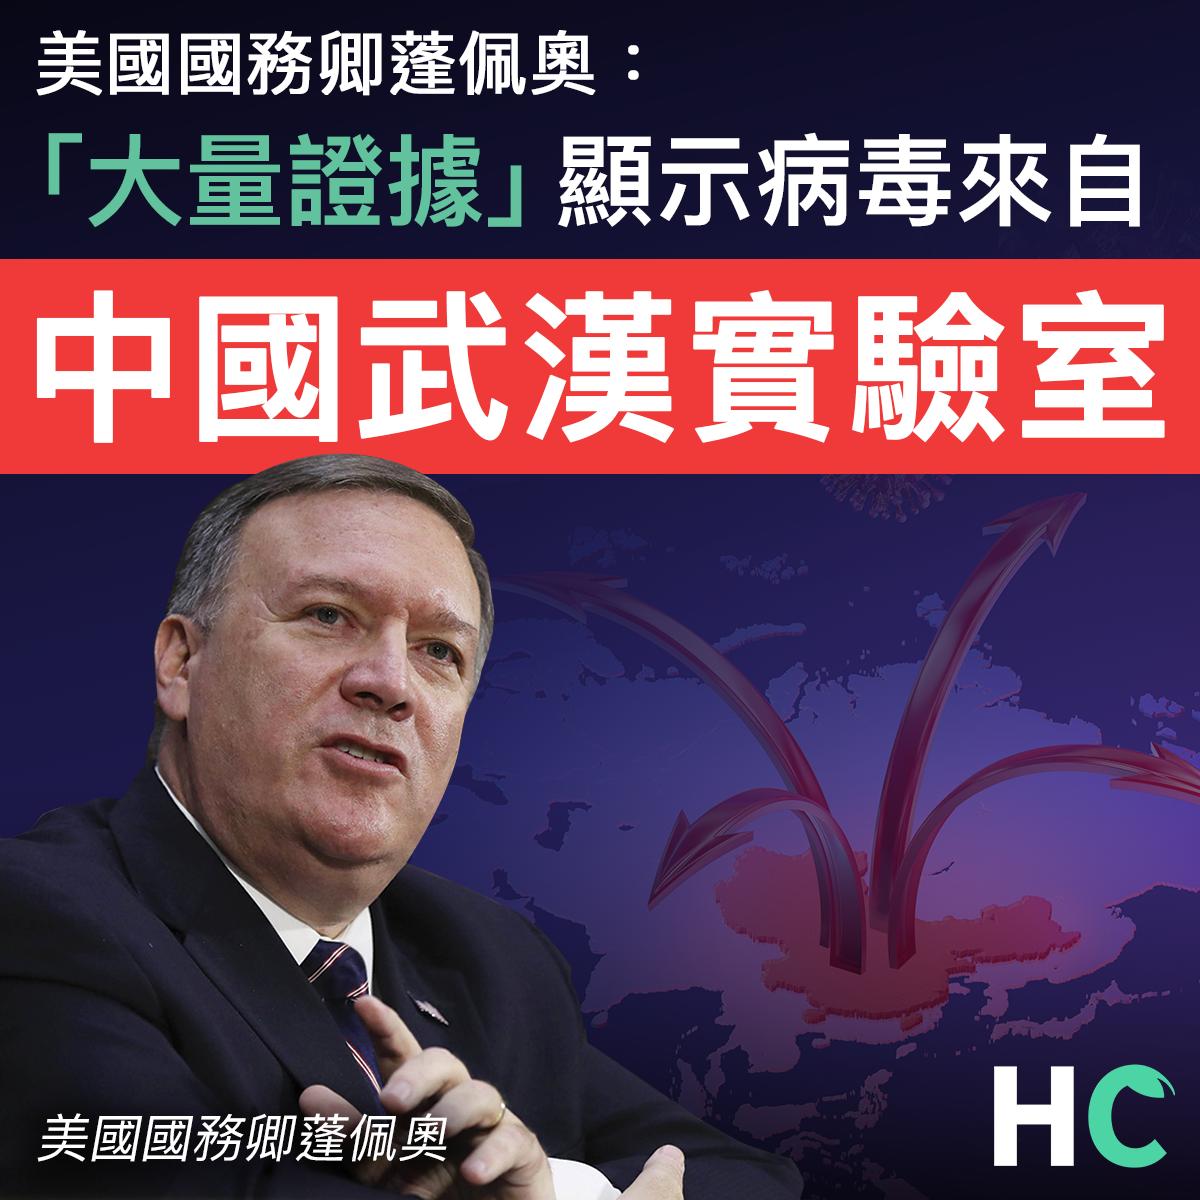 【#武漢肺炎】美國國務卿蓬佩奧:「大量證據」顯示病毒來自中國武漢實驗室